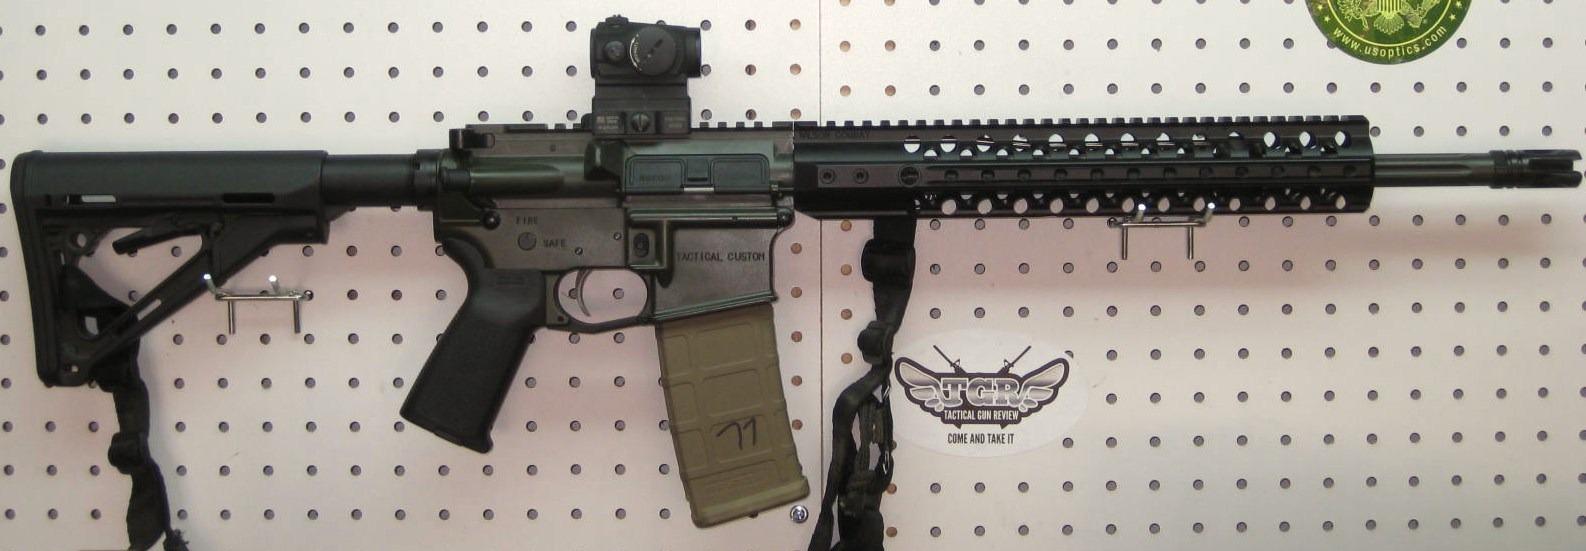 Staff Ar15 Trigger Review Wilson Combat 3 Gun Trigger Gun Reviews